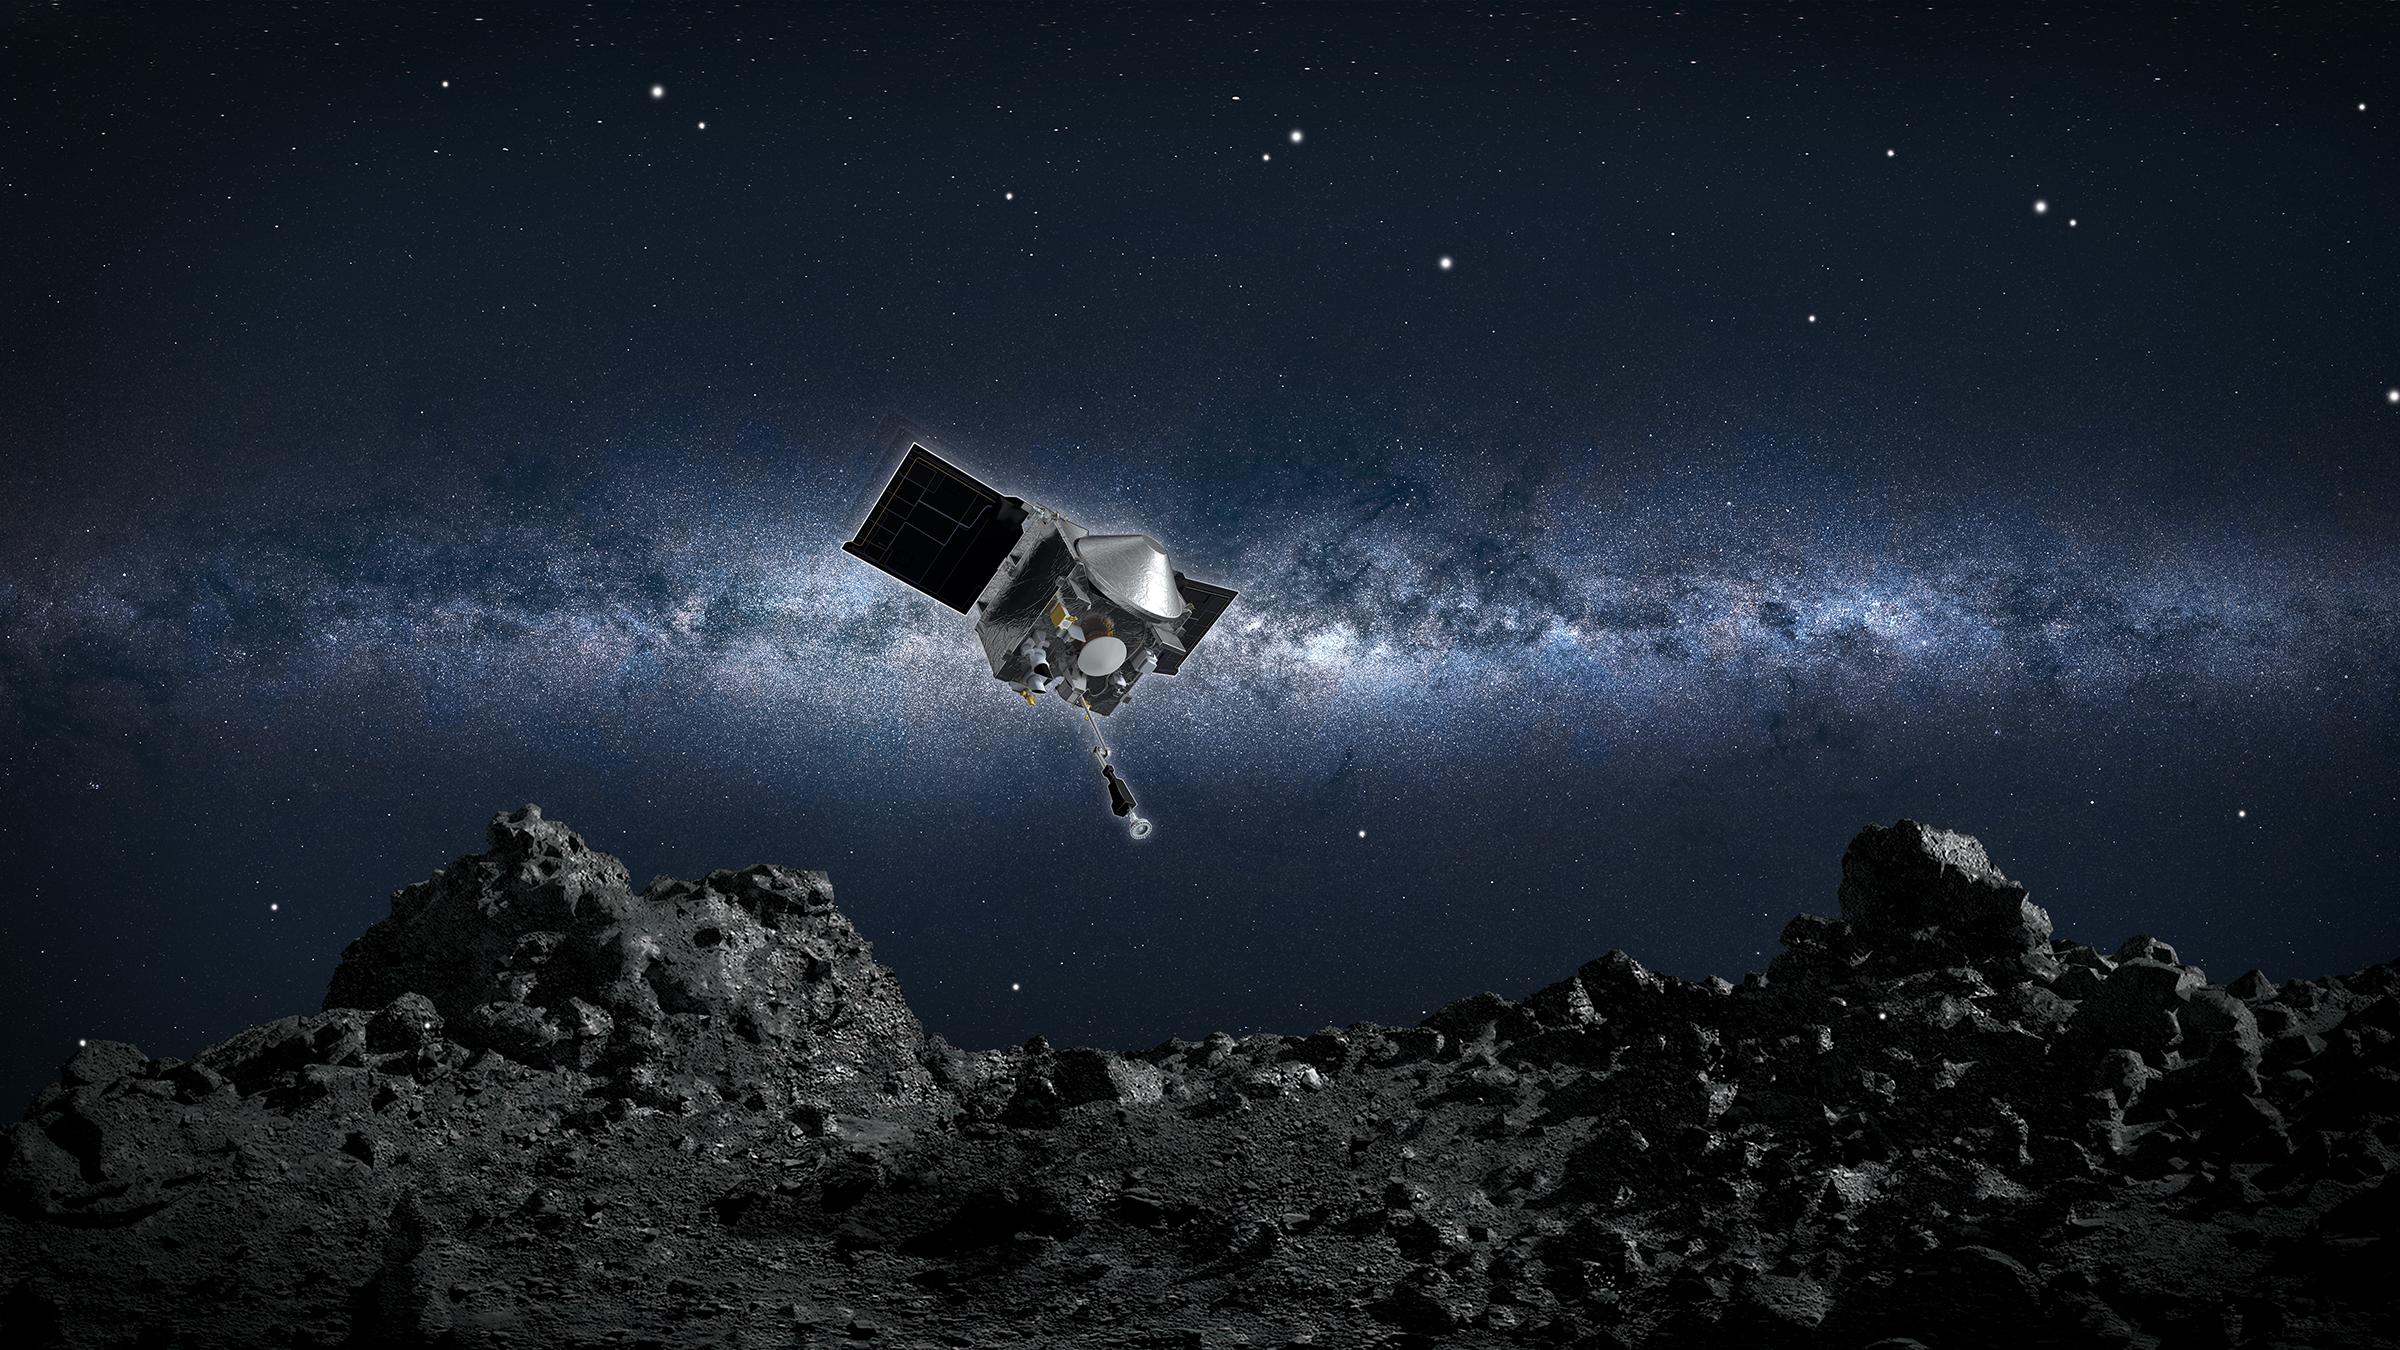 На зонде NASA, растерявшем образцы астероида, устранили неполадки.Вокруг Света. Украина